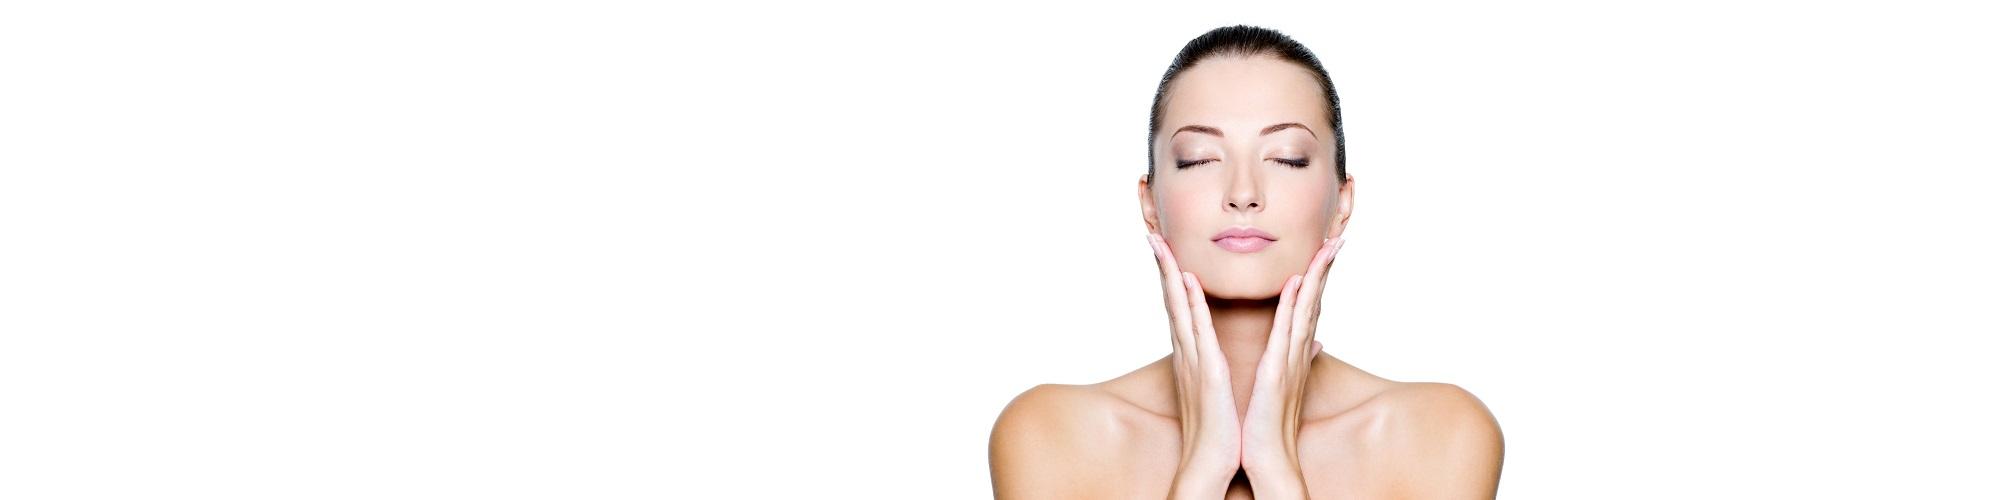 trattamento rughe viso botox catania chirurgia plastica youplast